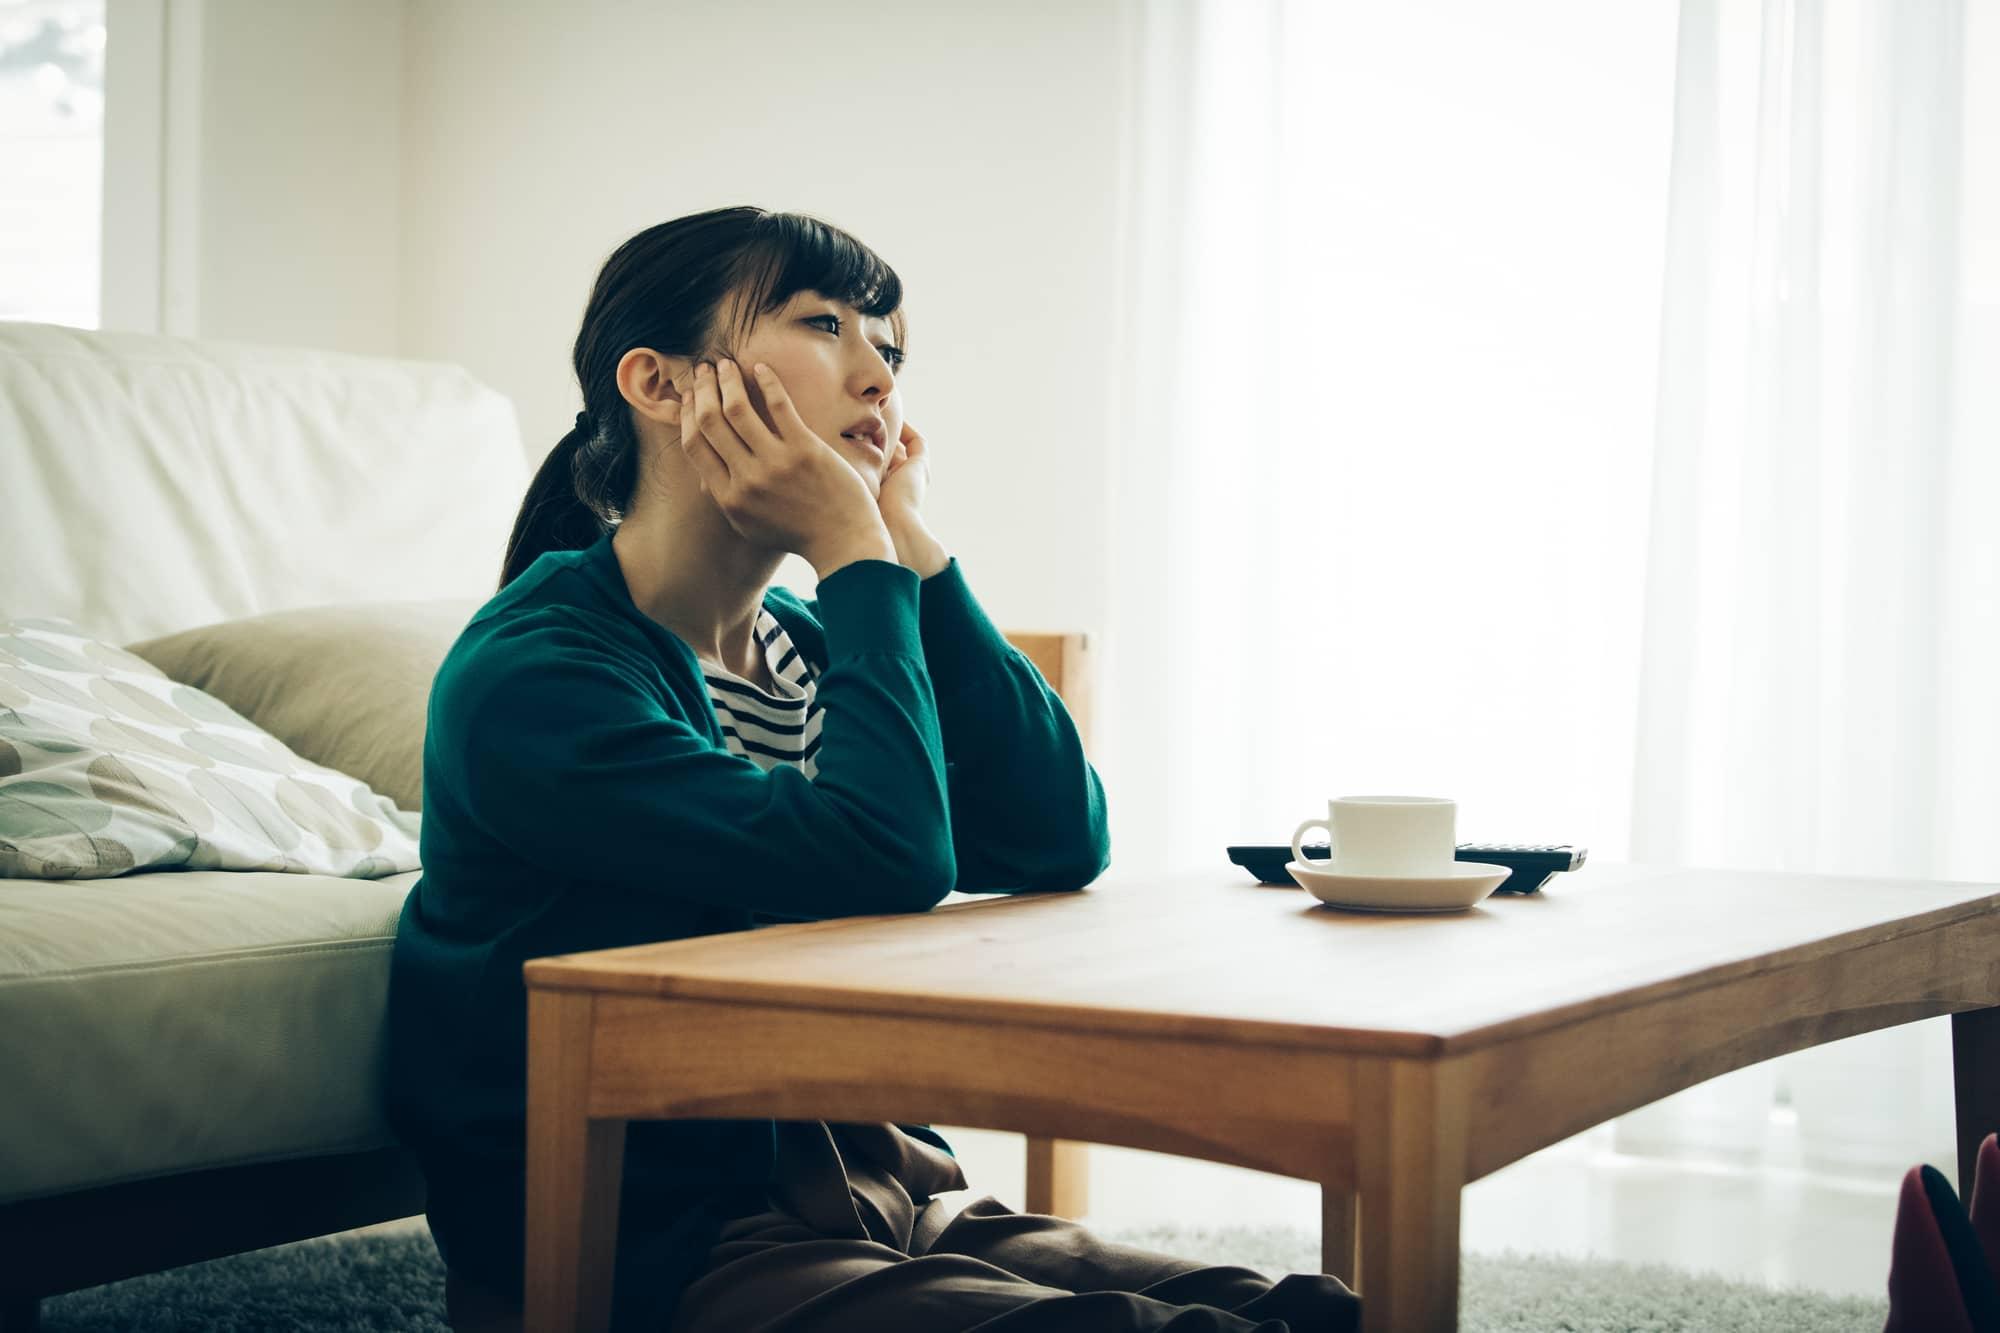 怒りやイライラ、不安……コントロールが難しい気持ちを落ち着かせるヒント本5選